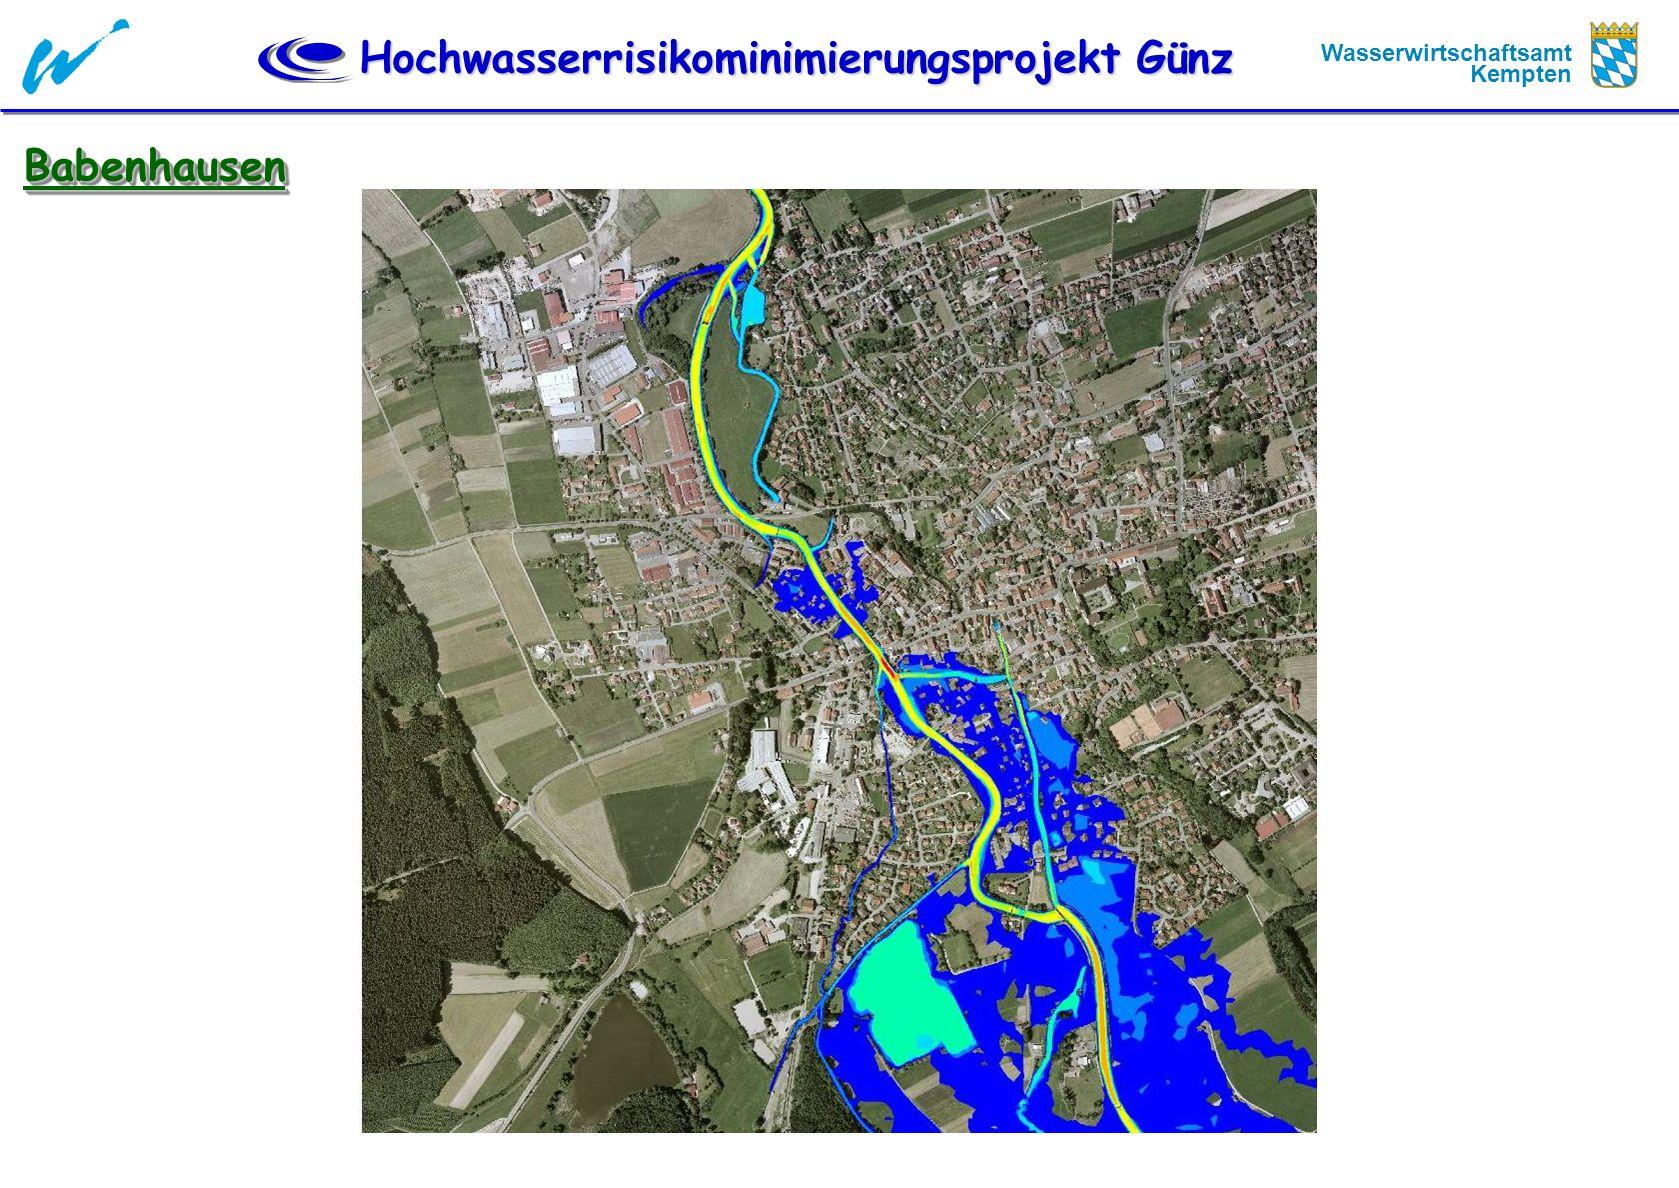 Hochwasserrisikominimierungsprojekt Günz Wasserwirtschaftsamt Kempten DeisenhausenDeisenhausen